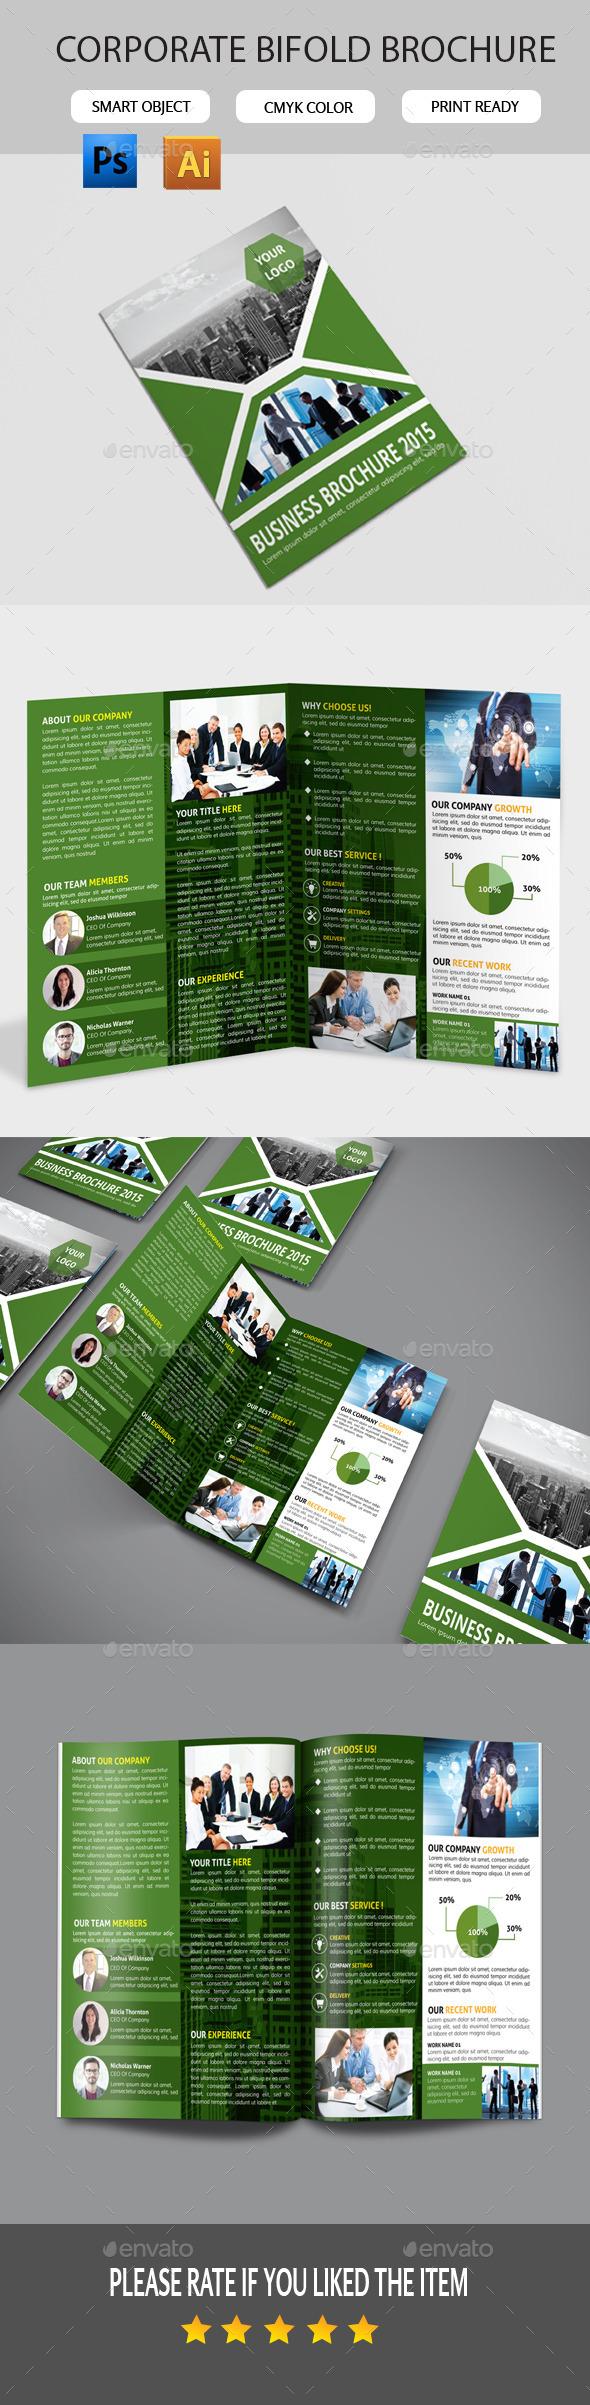 GraphicRiver Corporate Bifold Brochure 11284346